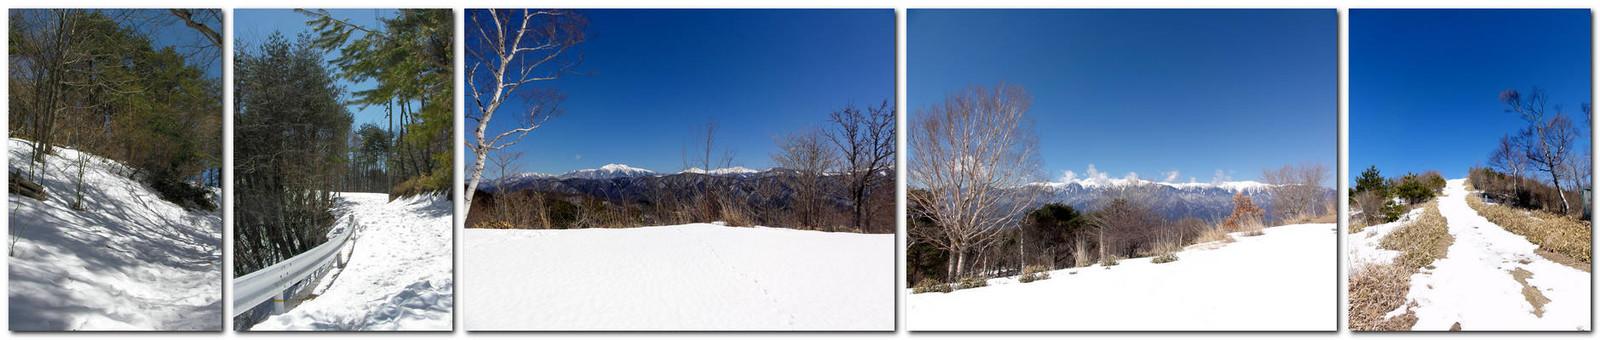 2014年3月15日「陣馬形山キャンプ場付近」